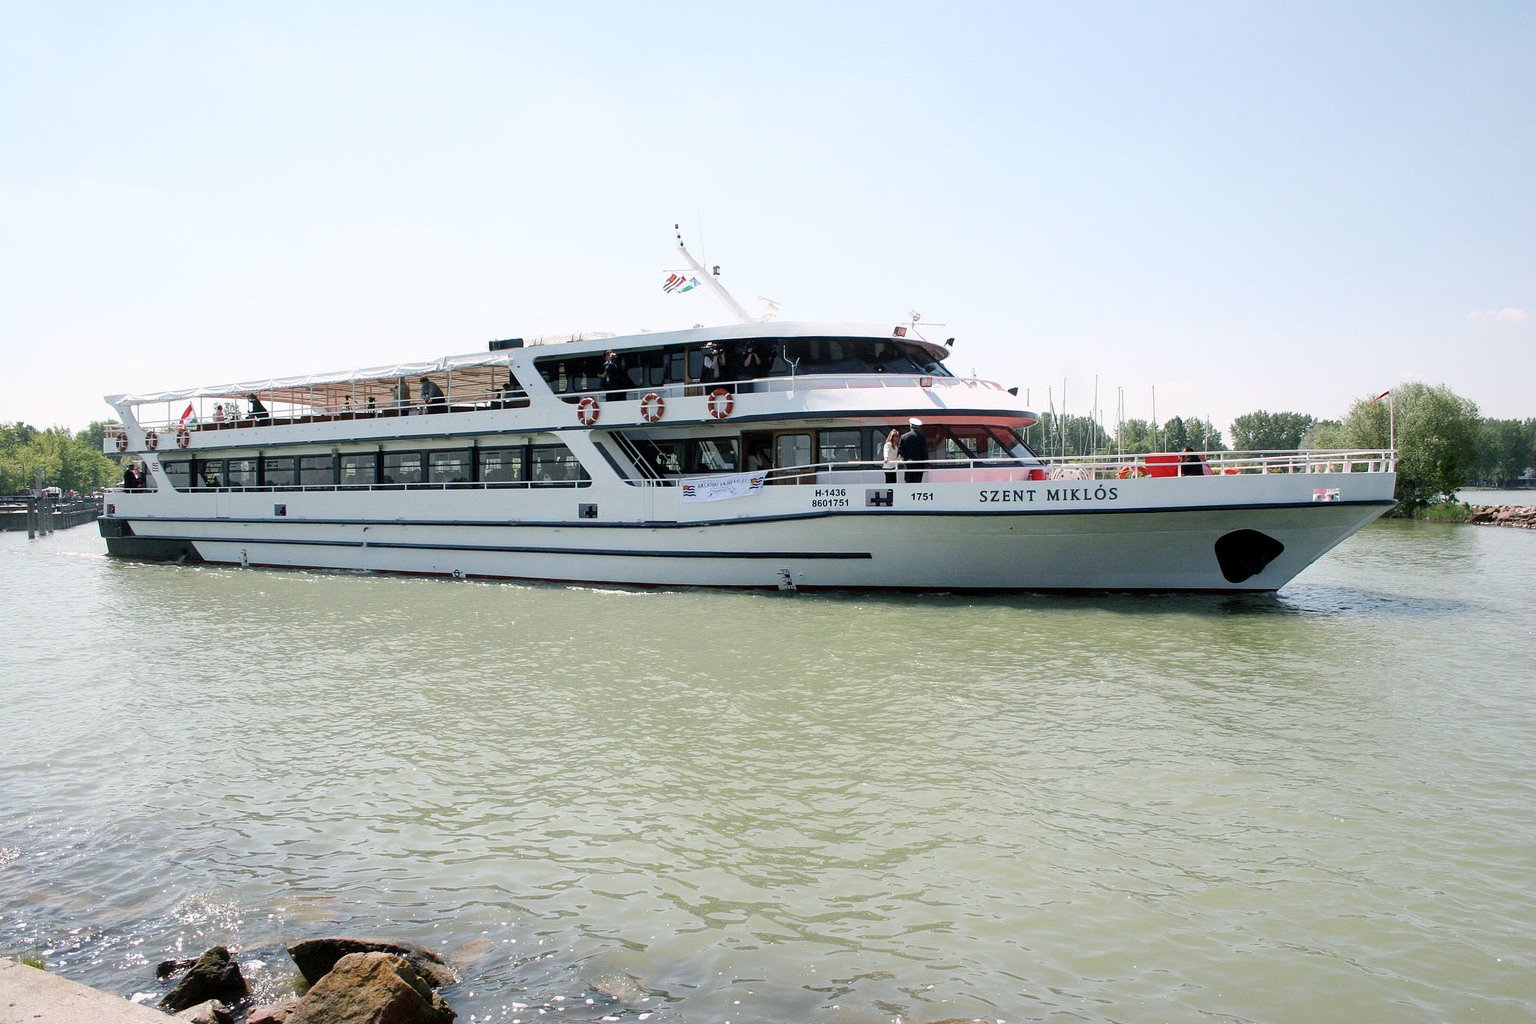 Balatonlelle, 2006. május 12. A Balaton legújabb és egyben legnagyobb, a hajósok védőszentjéről Szent Miklós névre keresztelt hajója a balatonlellei kikötőben. A Törökországban vásárolt hajó eredetileg Kaptan Sevket Iyidere néven Izmirben menetrend szerinti járatként üzemelt. Tavaly úszott fel a Dunán és október 27-én Siófokon zsilipelték át a Balatonba. A Szent Miklóst két 500 lóerős motor hajtja, legnagyobb sebessége 26 km/óra.  MTI Fotó: Nagy Lajos